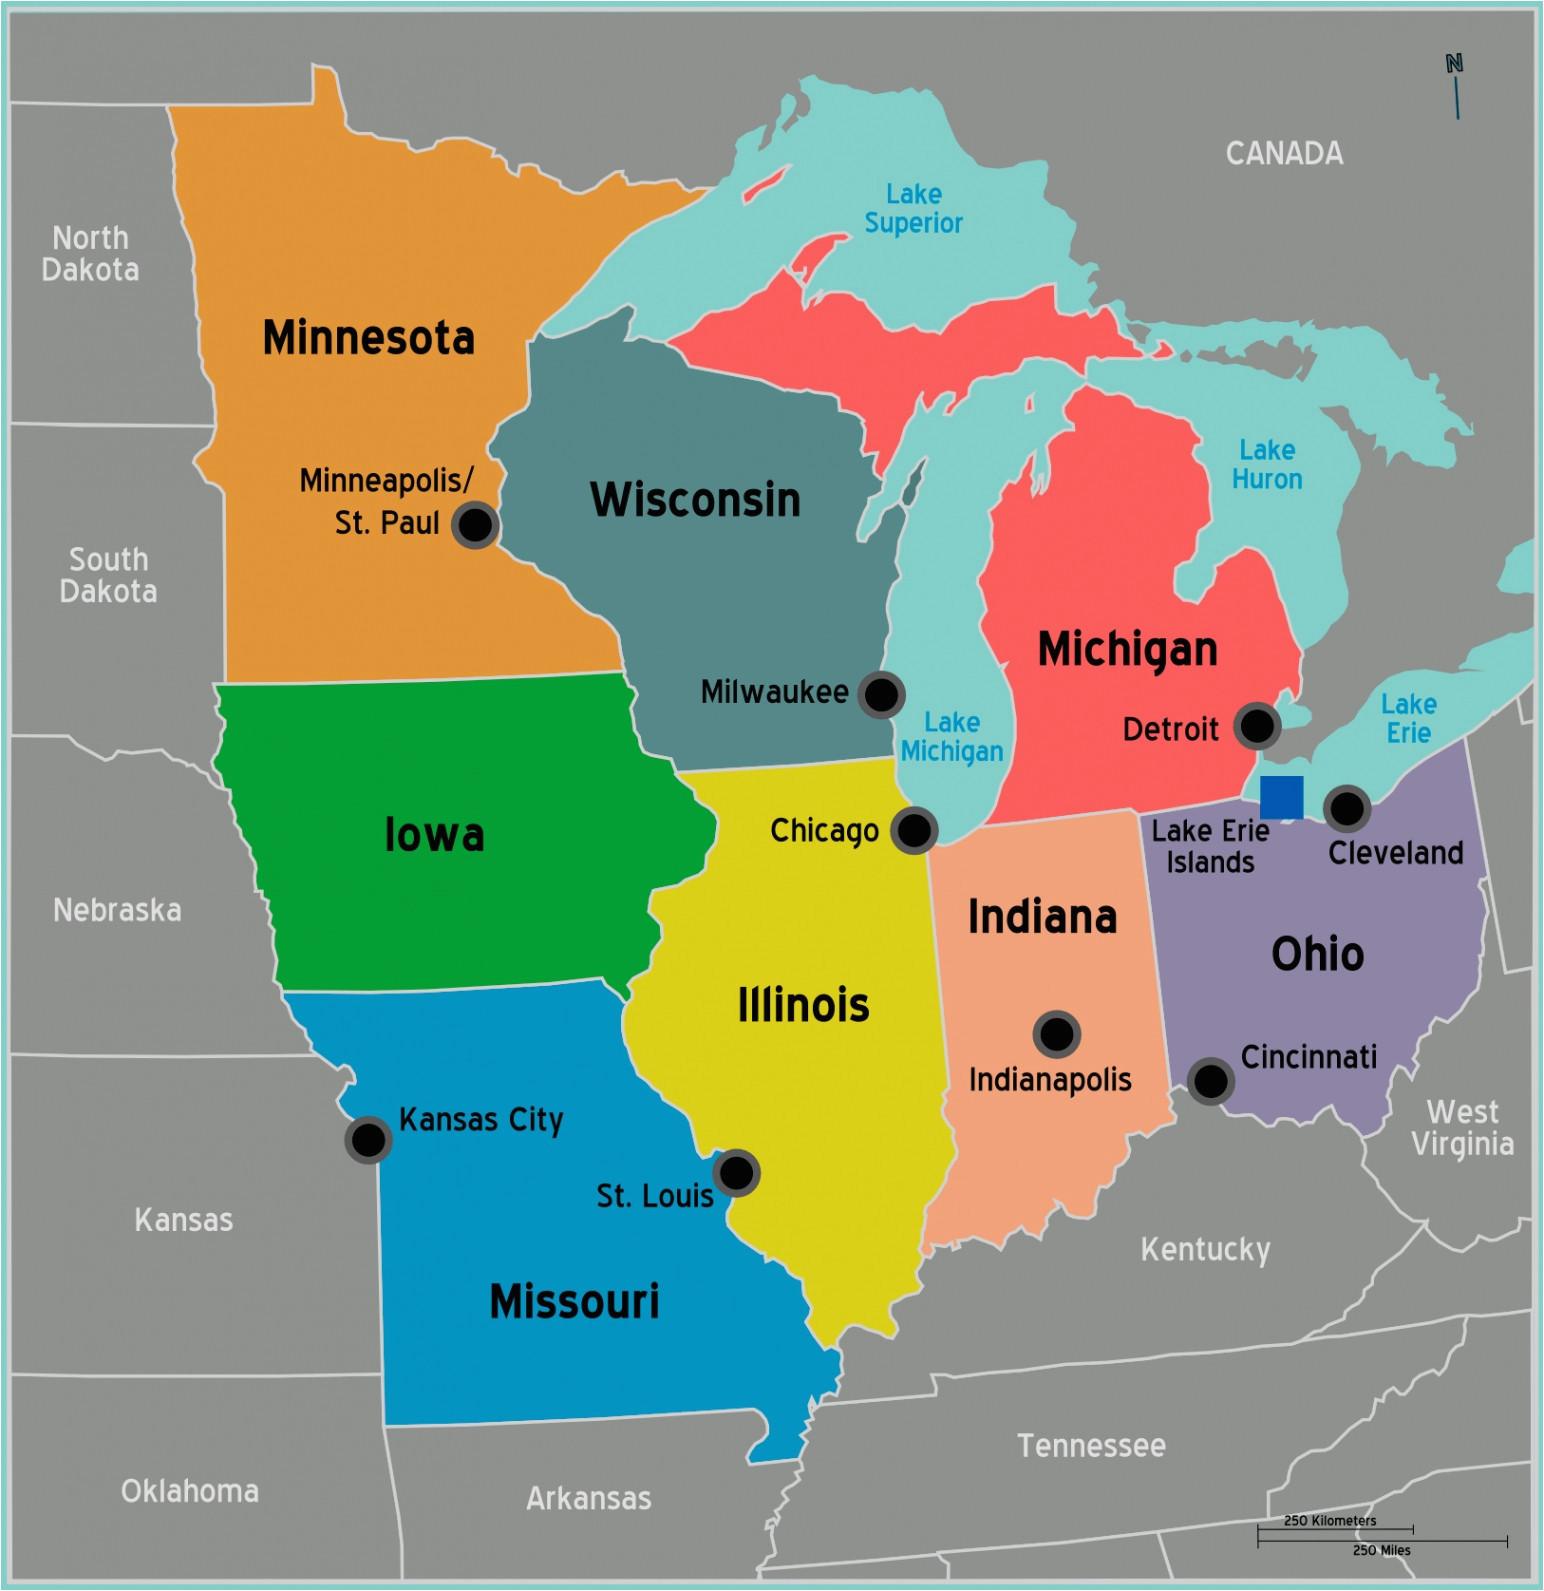 www bing com maps inspirational bing maps wow maps directions